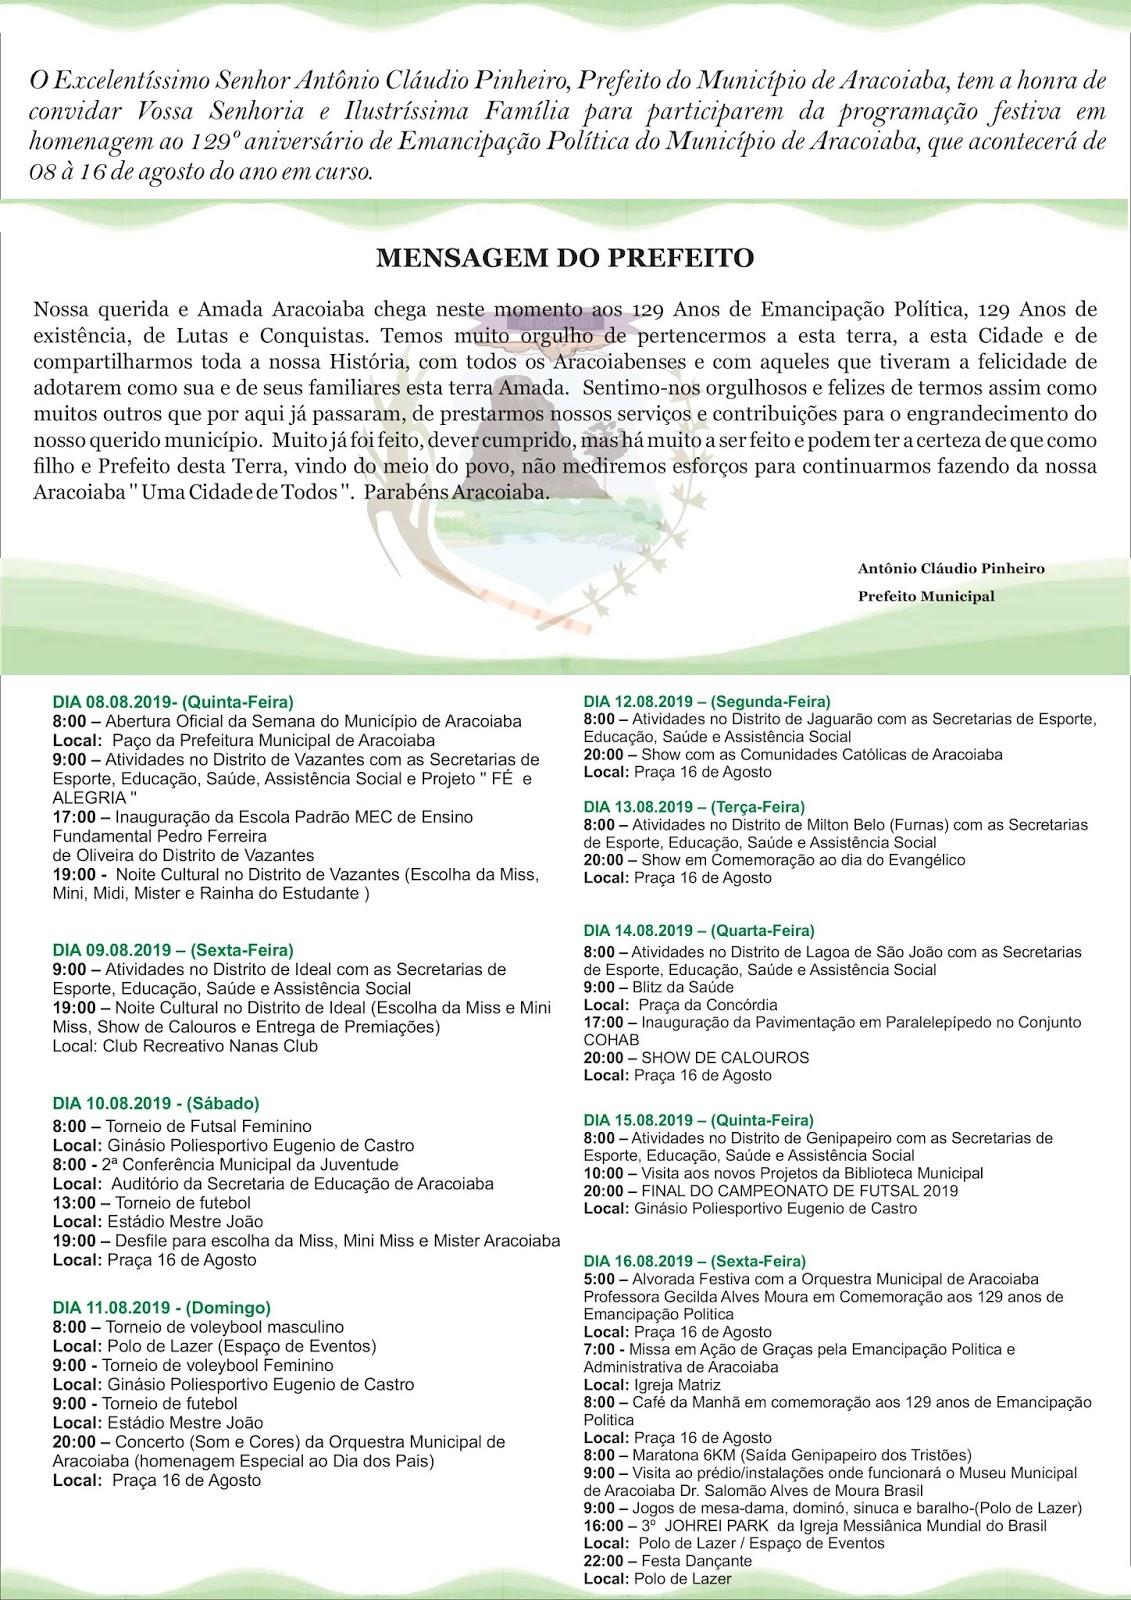 Festa dos 129 anos de emancipação Política de Aracoiaba tem